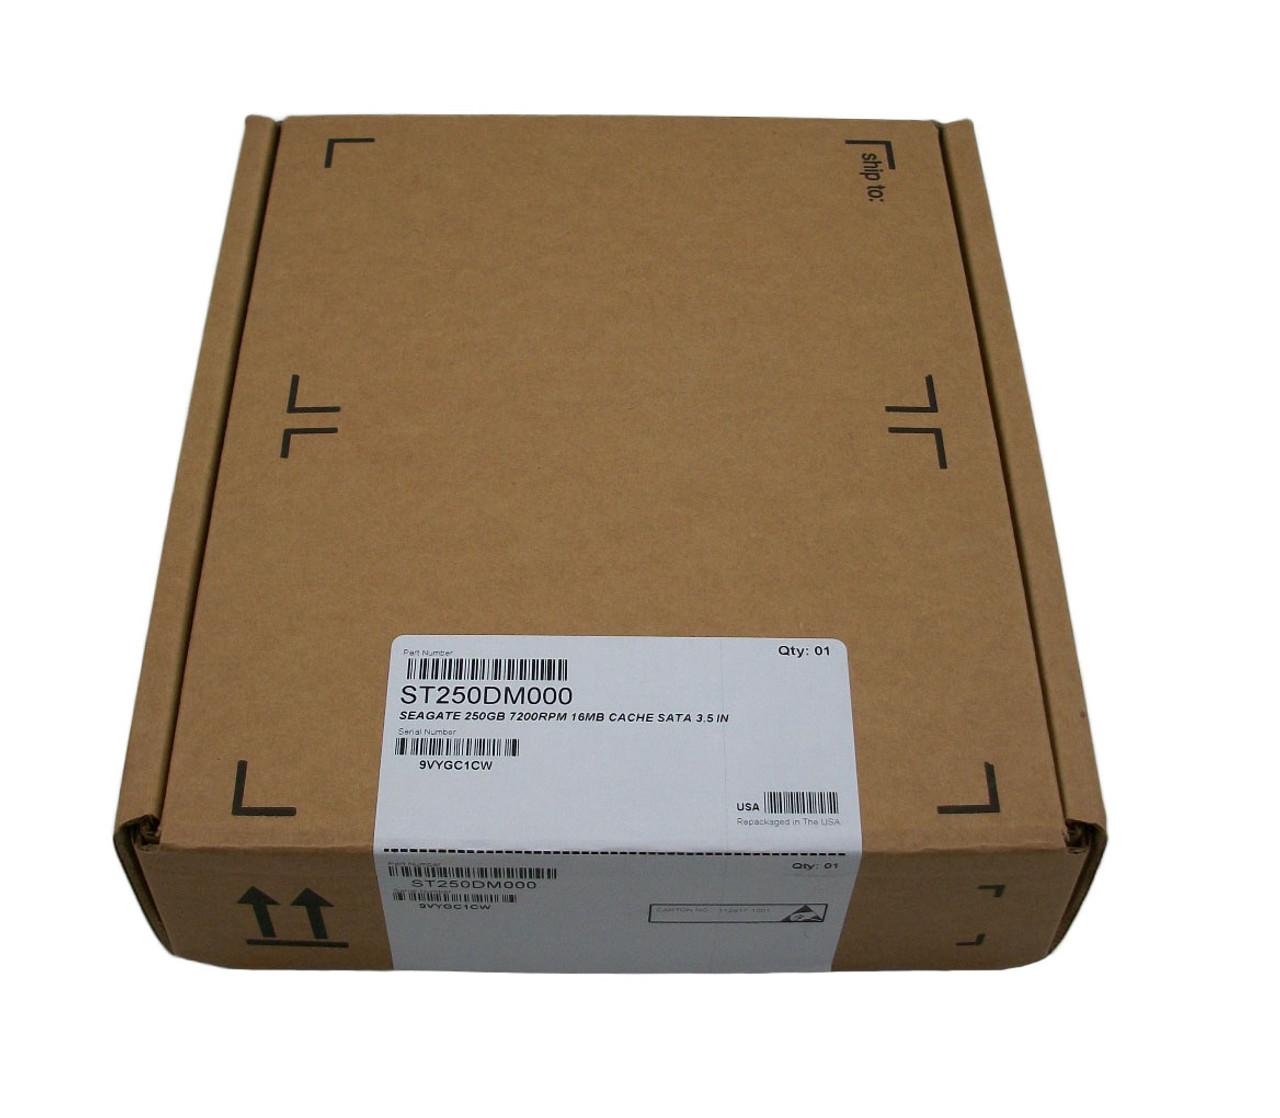 Seagate ST250DM000 1BD141-021